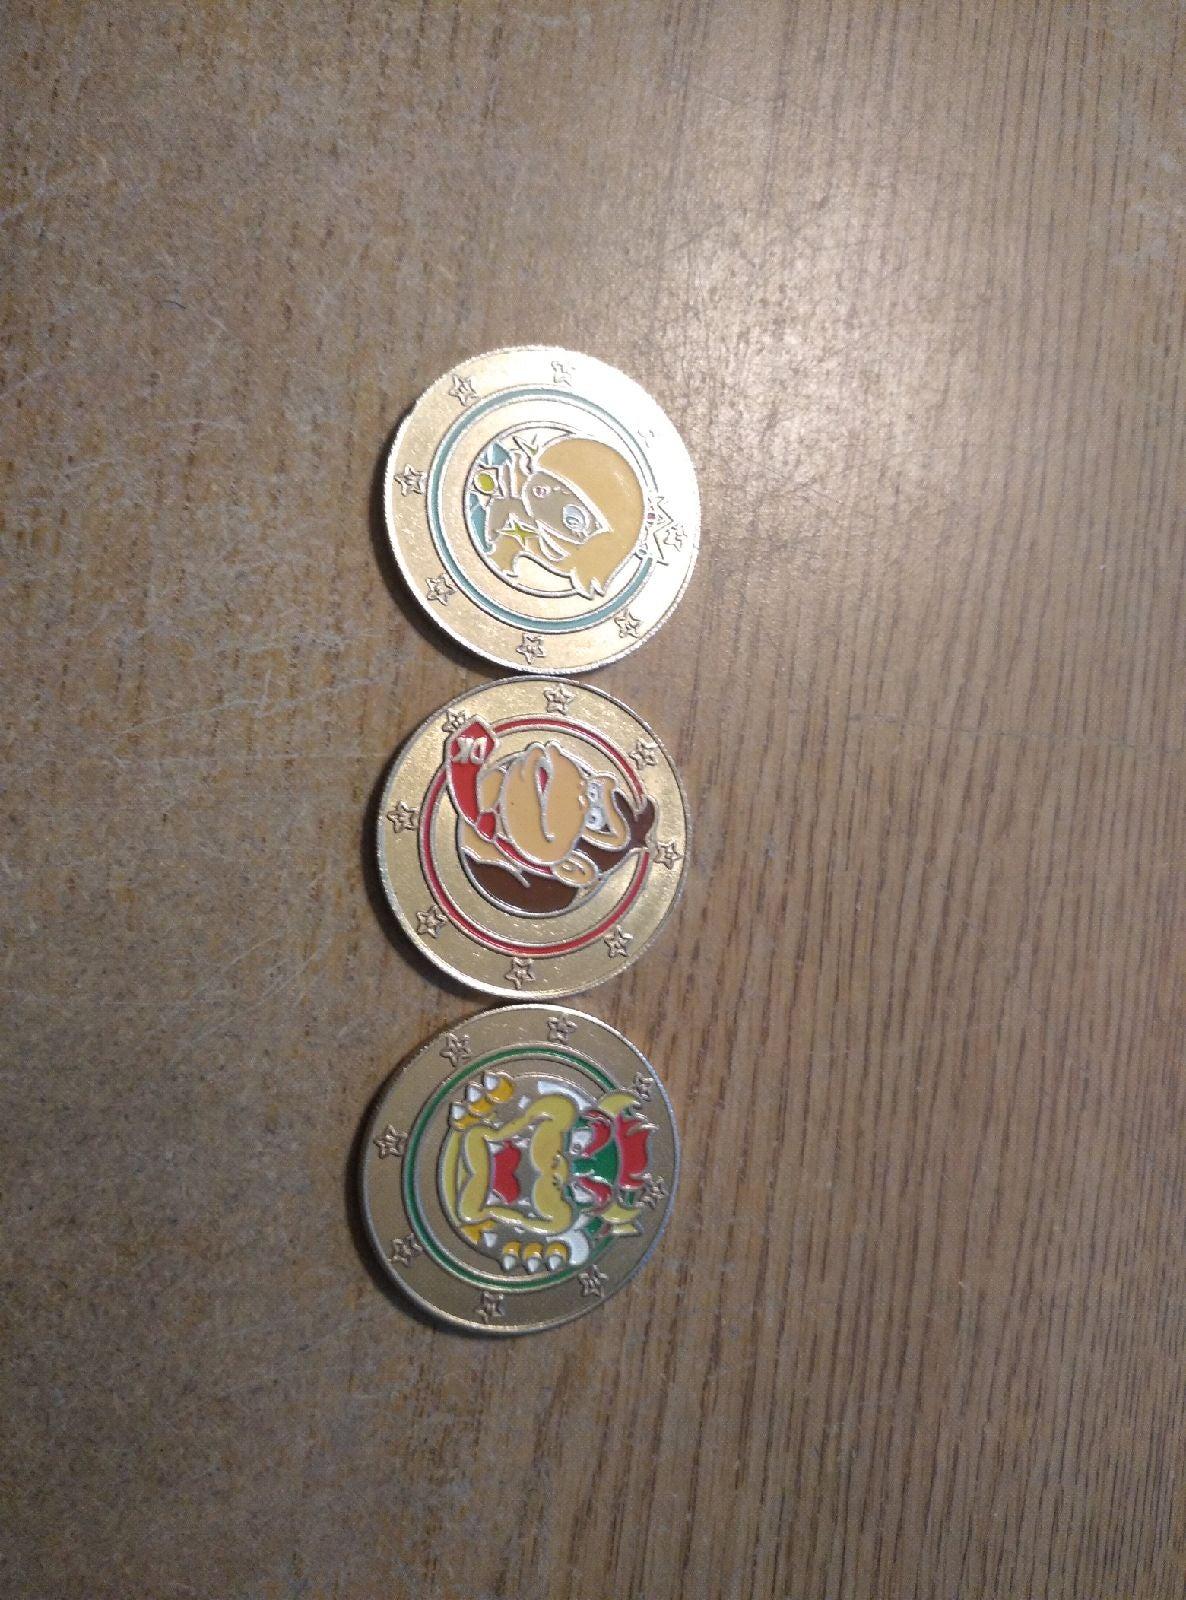 Mario coins